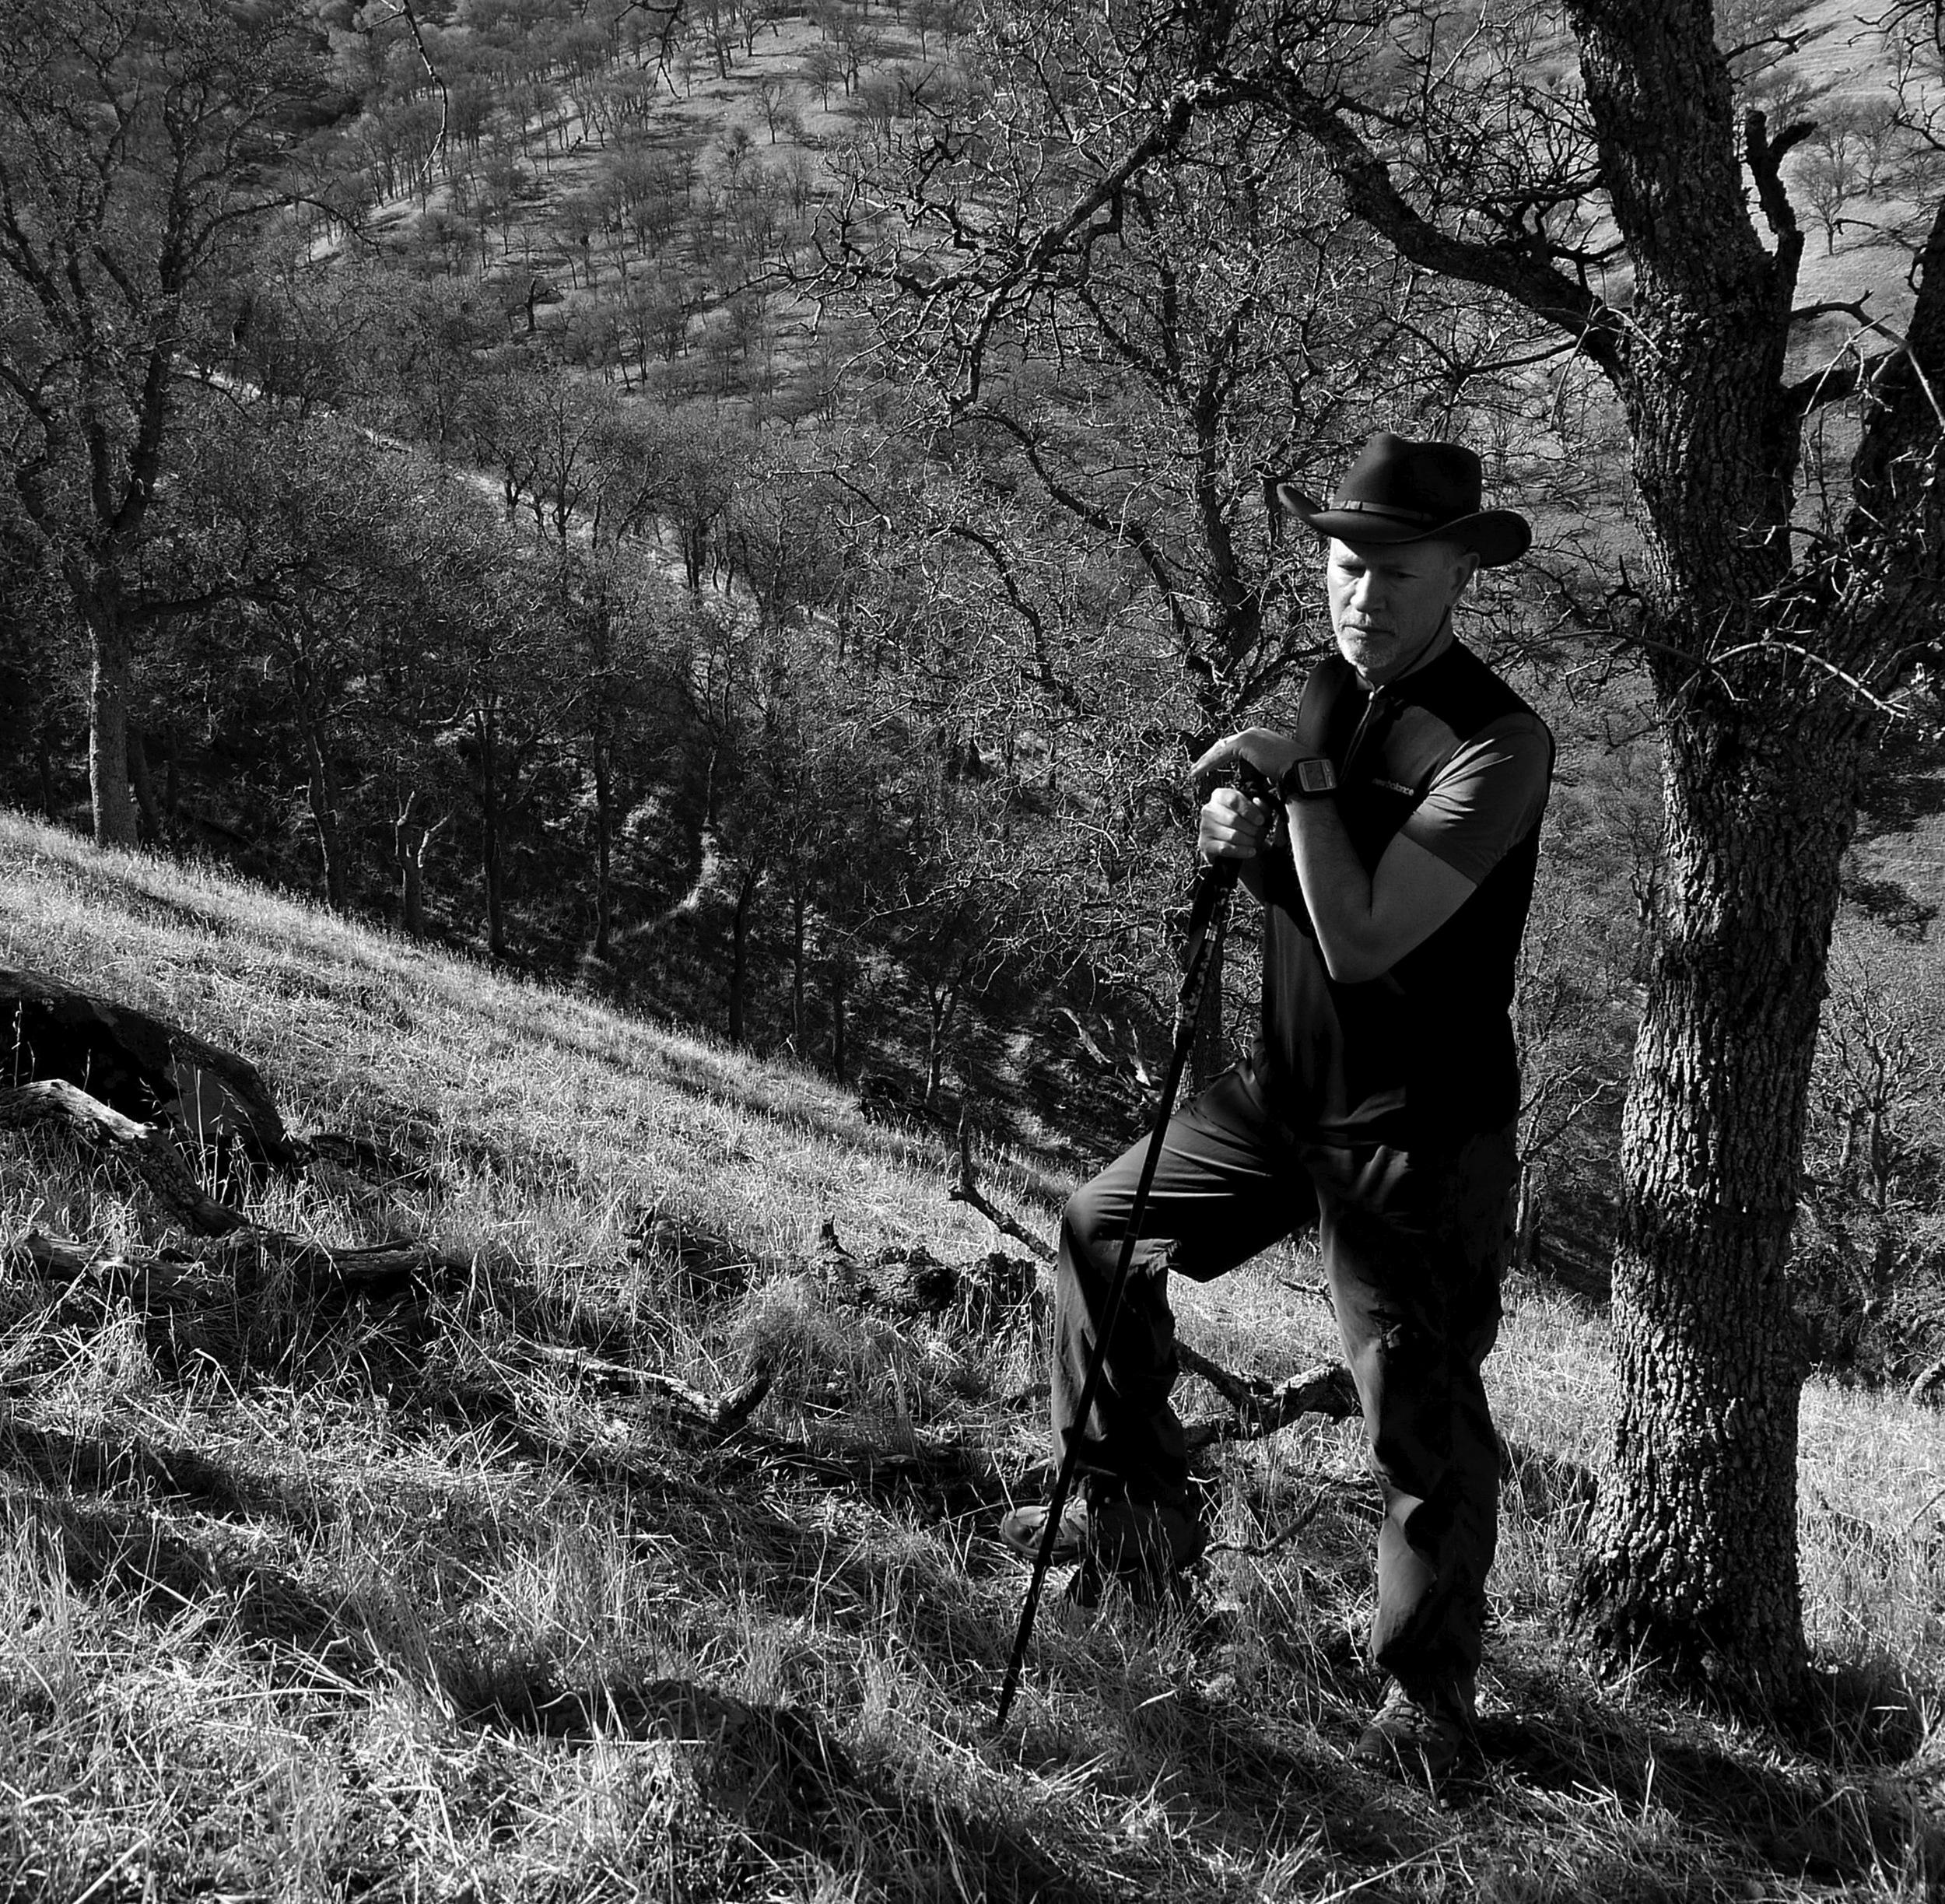 Stonemound Ridge, Round Valley Regional Preserve.